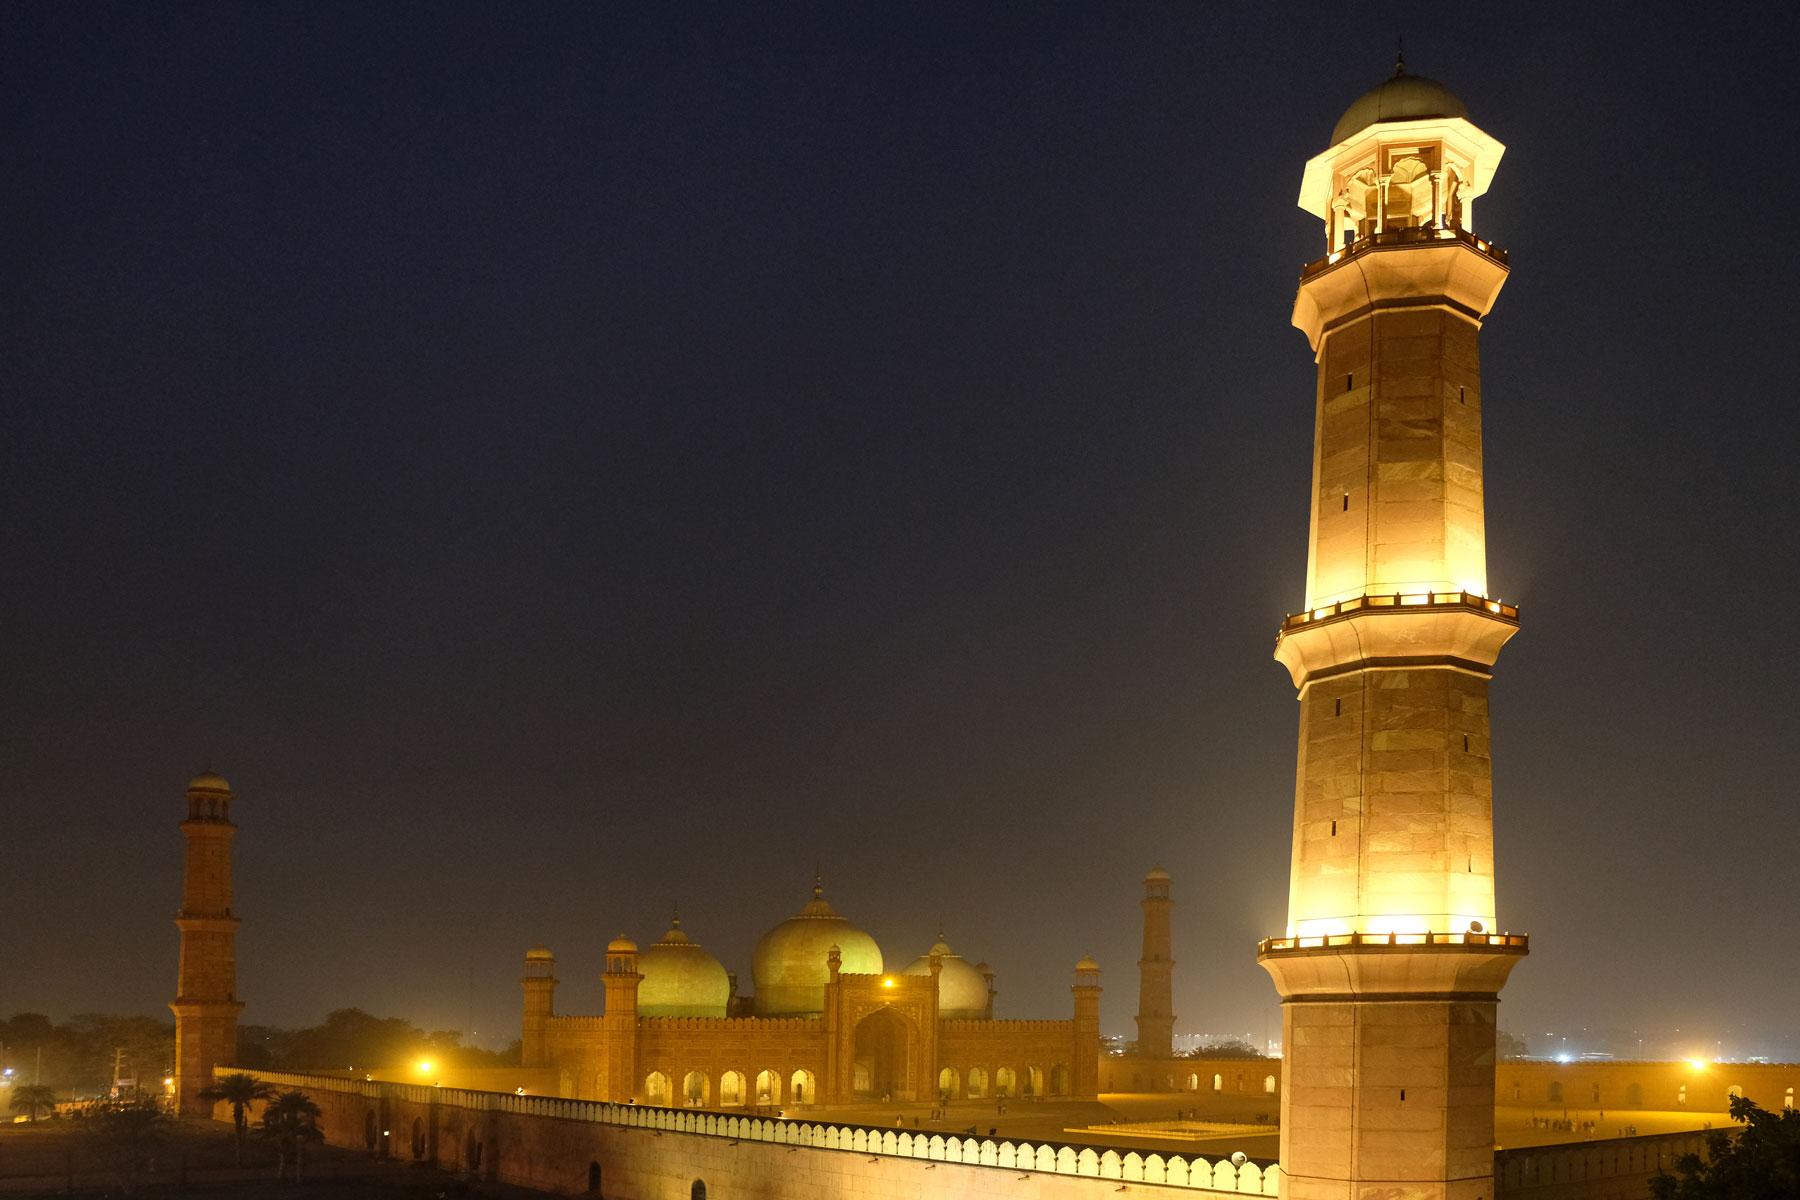 Abends essen wir in einem direkt neben der Moschee gelegenen Restaurant mit Dachterrasse und haben sehen das beleuchtete Gebäude bei Nacht